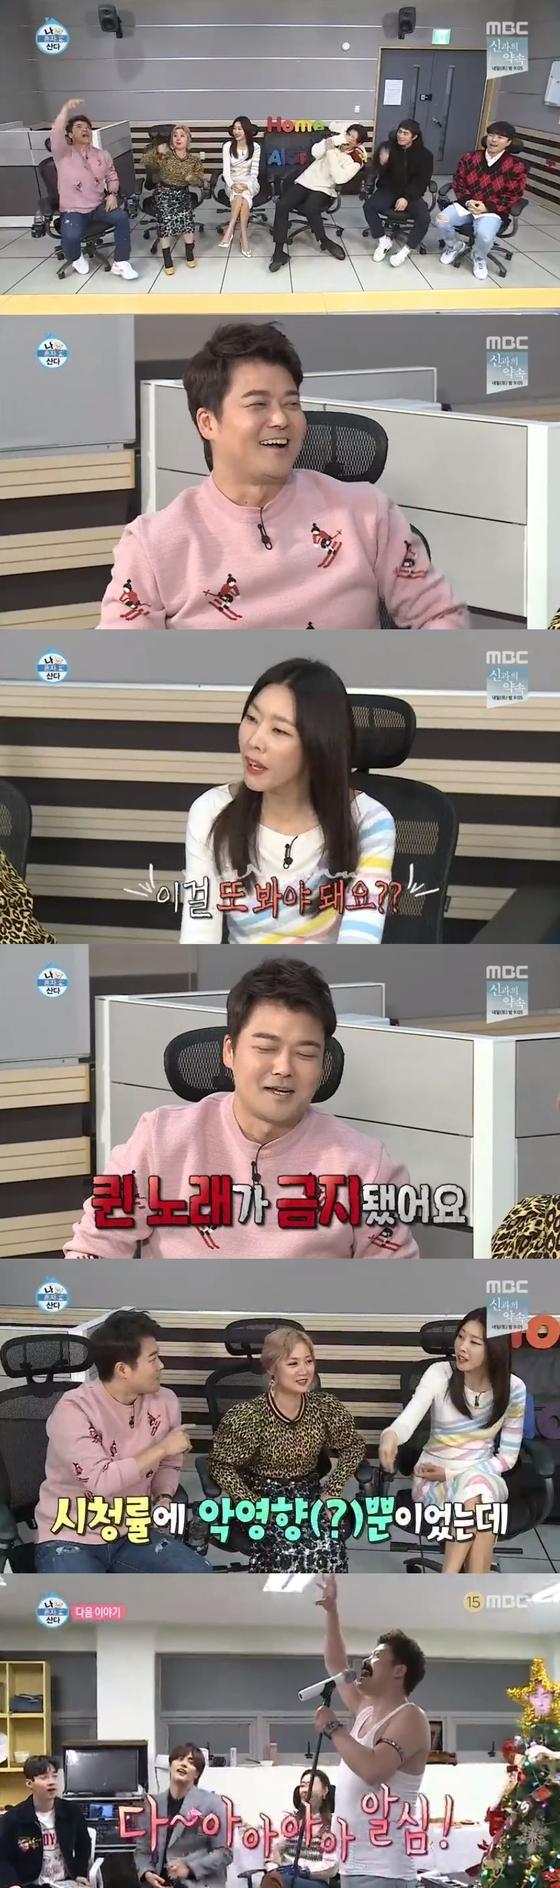 '나혼산' 전현무♥한혜진, 결별설 언급無→자연 리액션